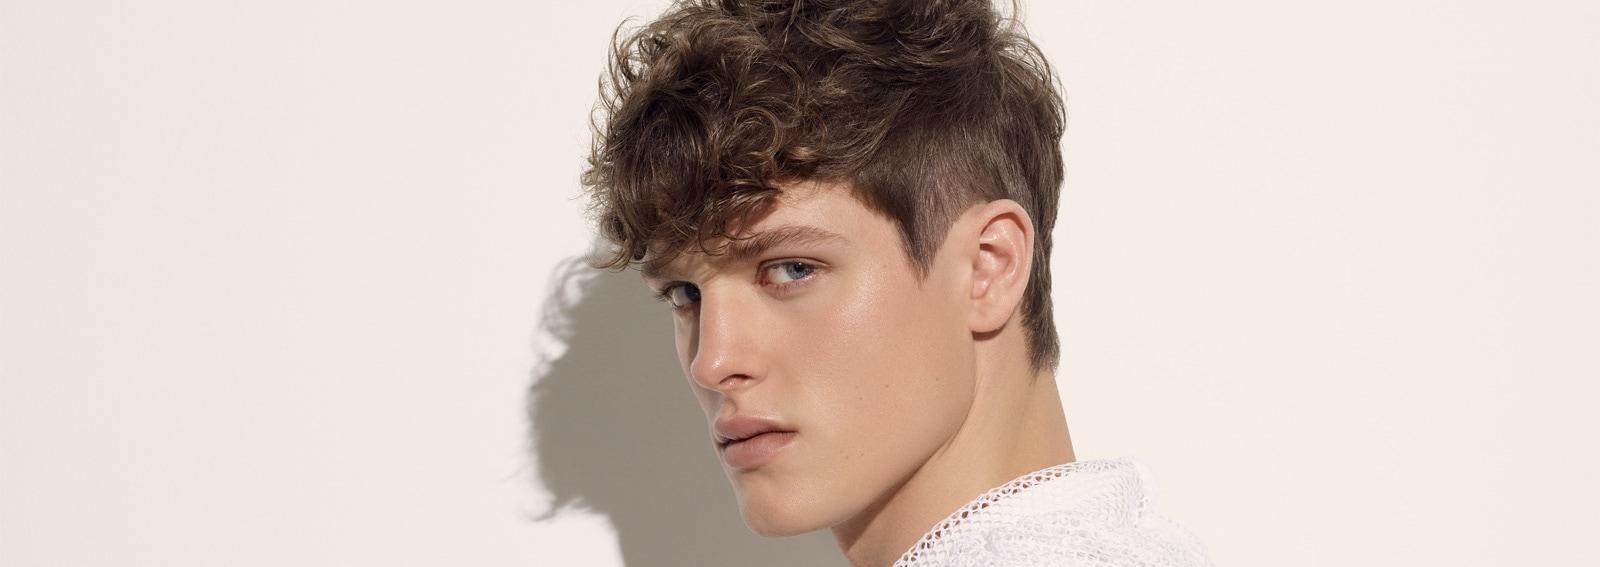 tagli-capelli-uomo-saloni-primavera-estate-2020-cover-desktop